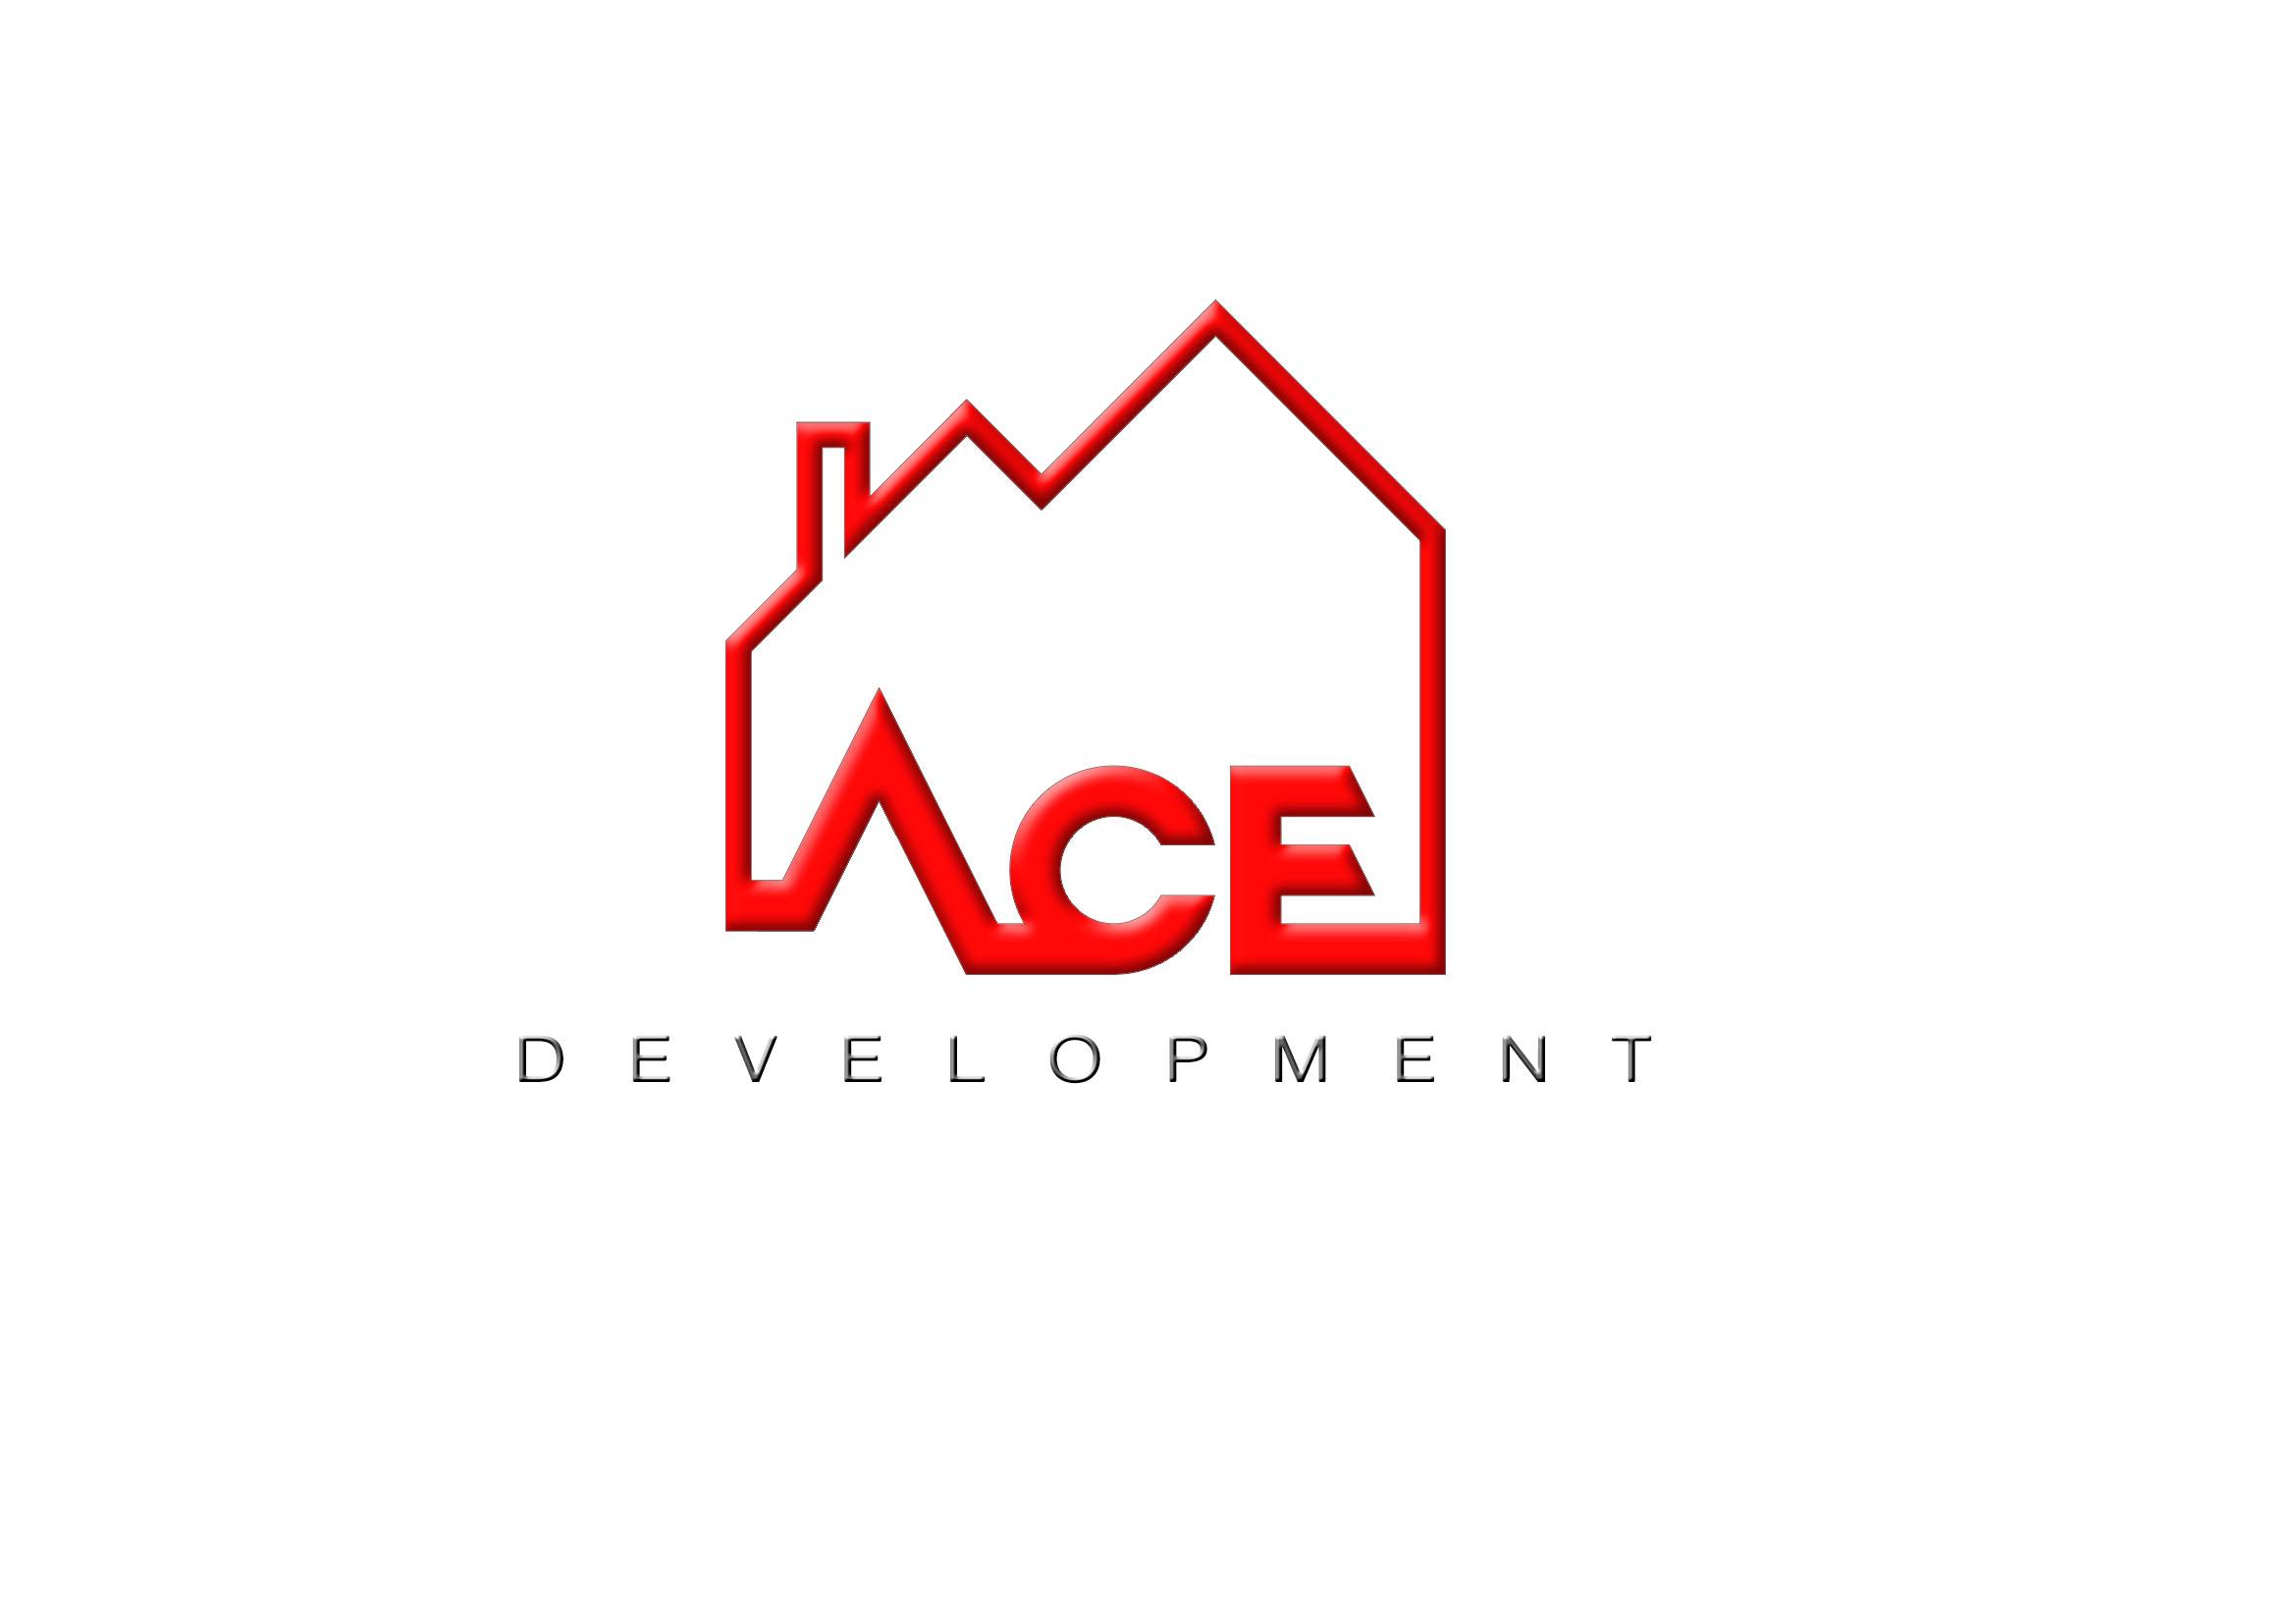 Logo Design by JR Cantos - Entry No. 8 in the Logo Design Contest Fun Logo Design for Ace development.